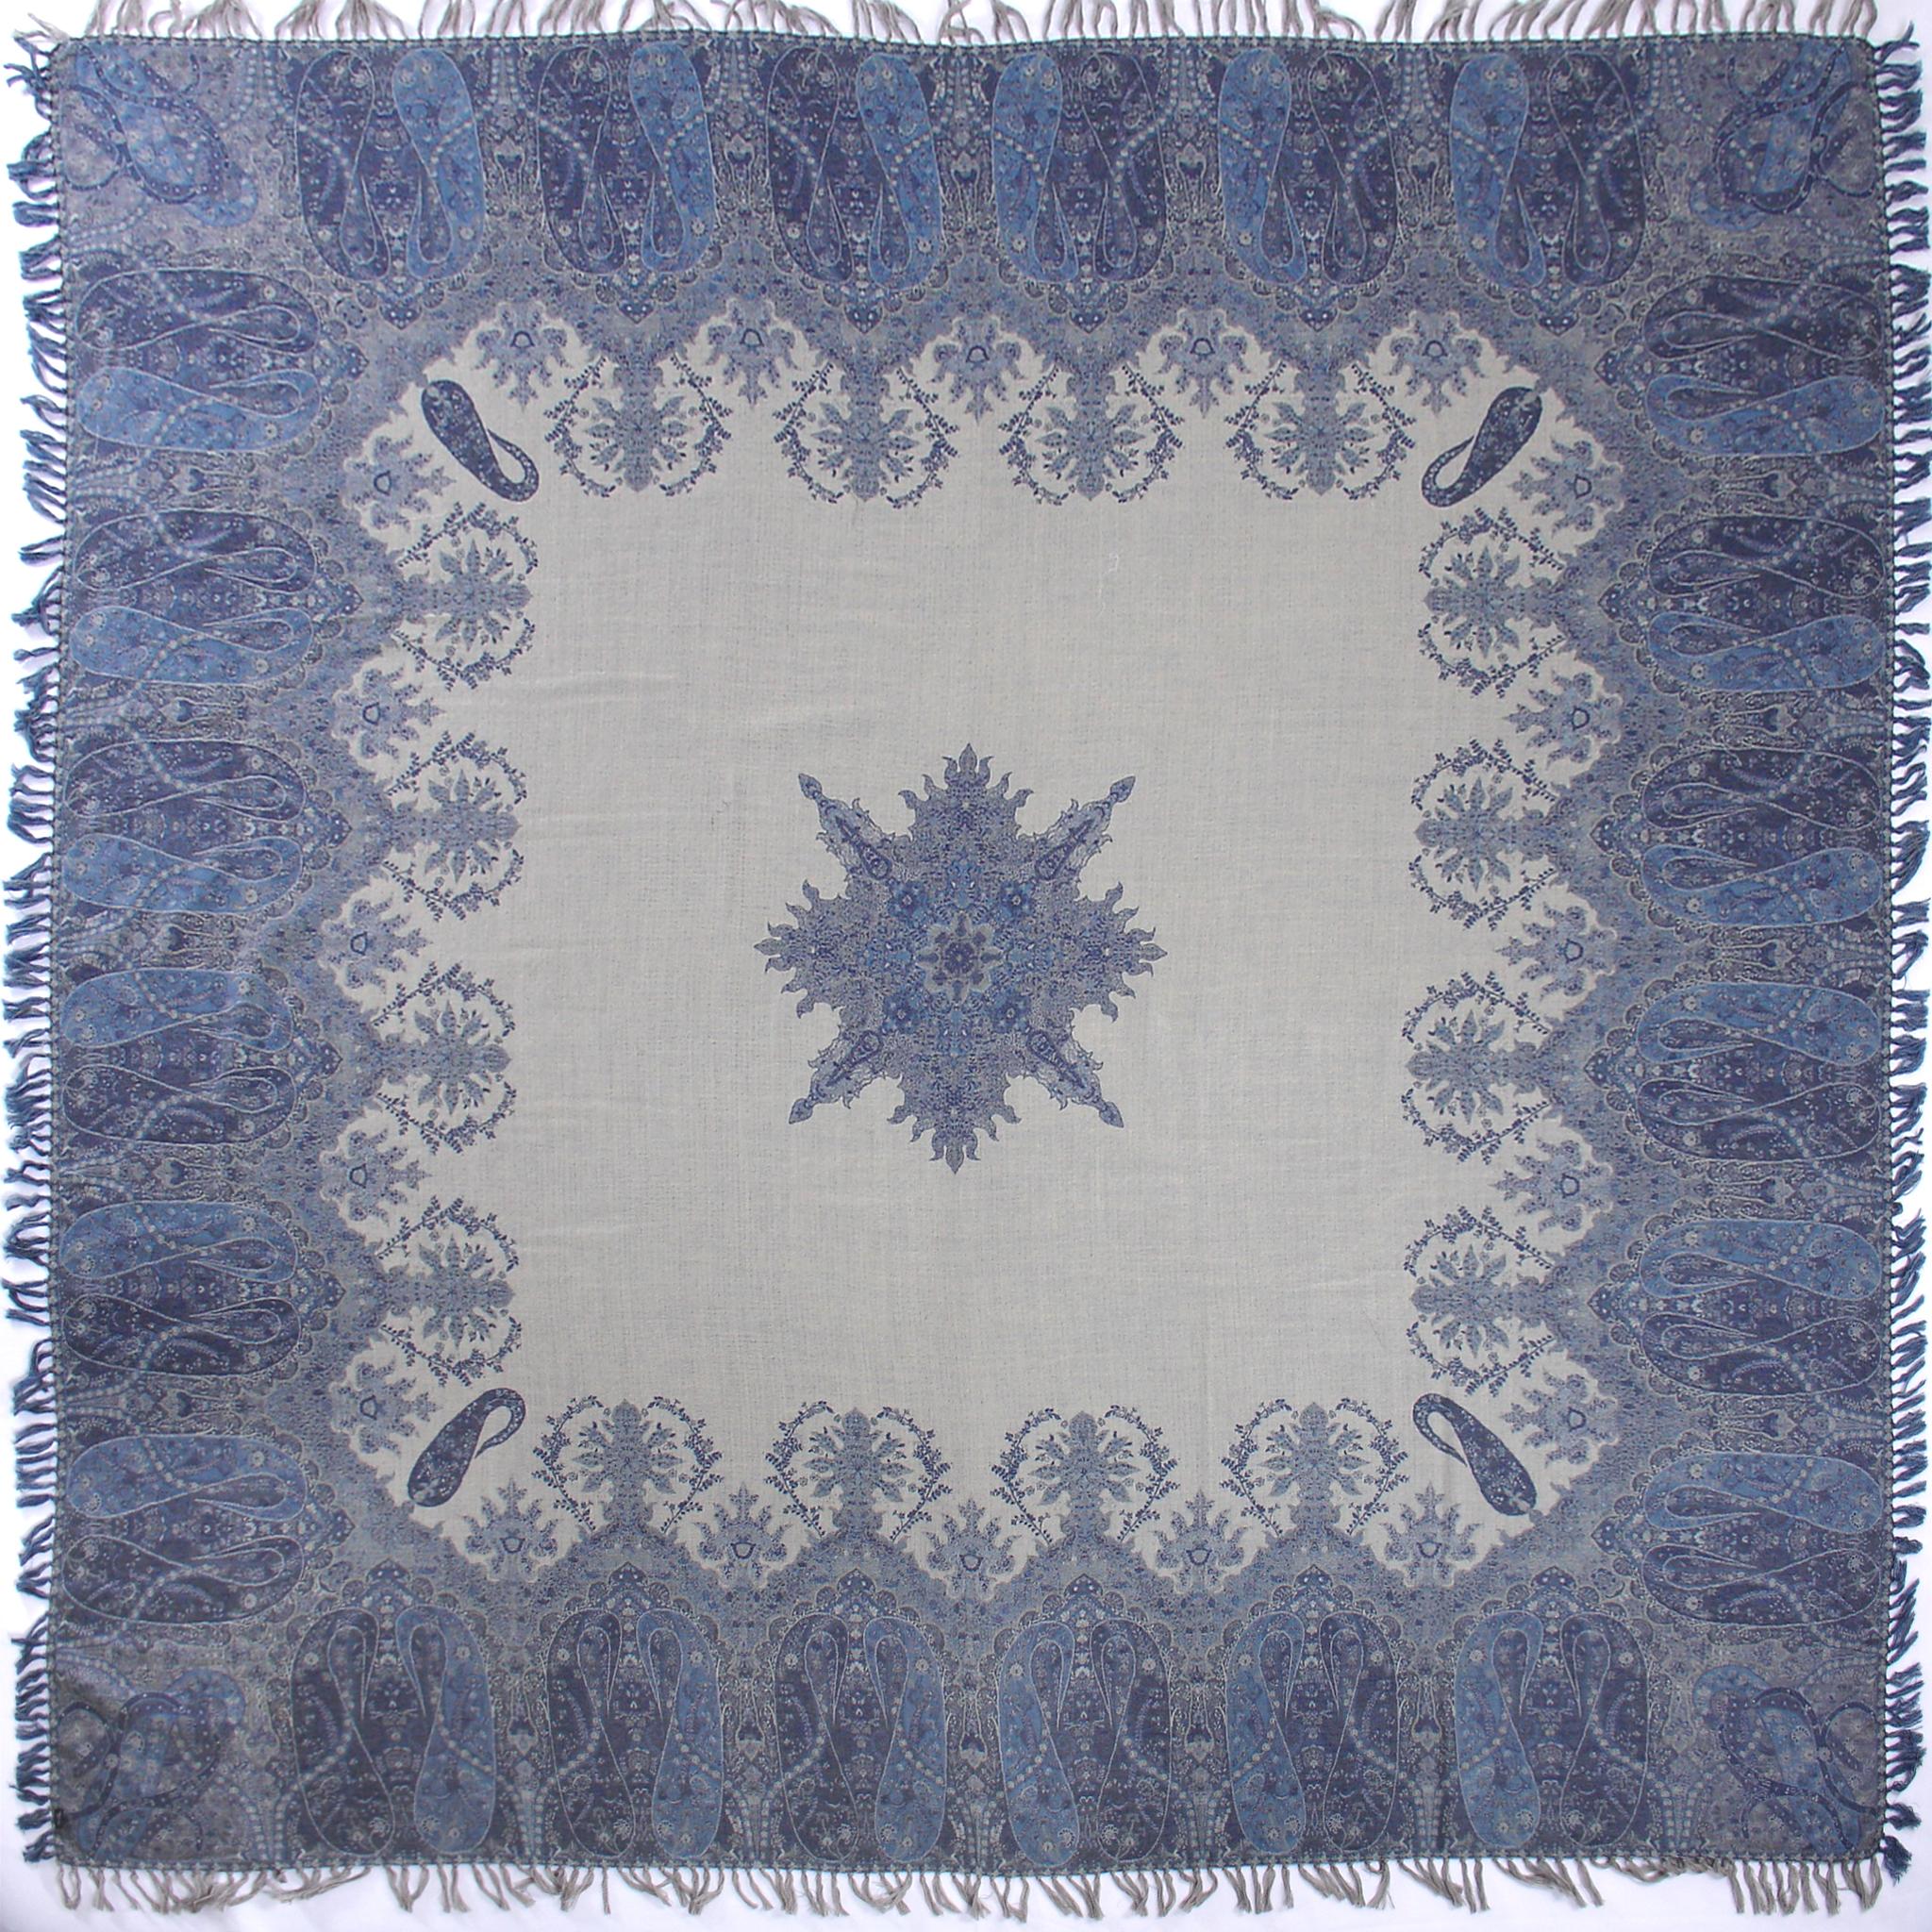 Lillie Blue & Gray Blanket back.JPG